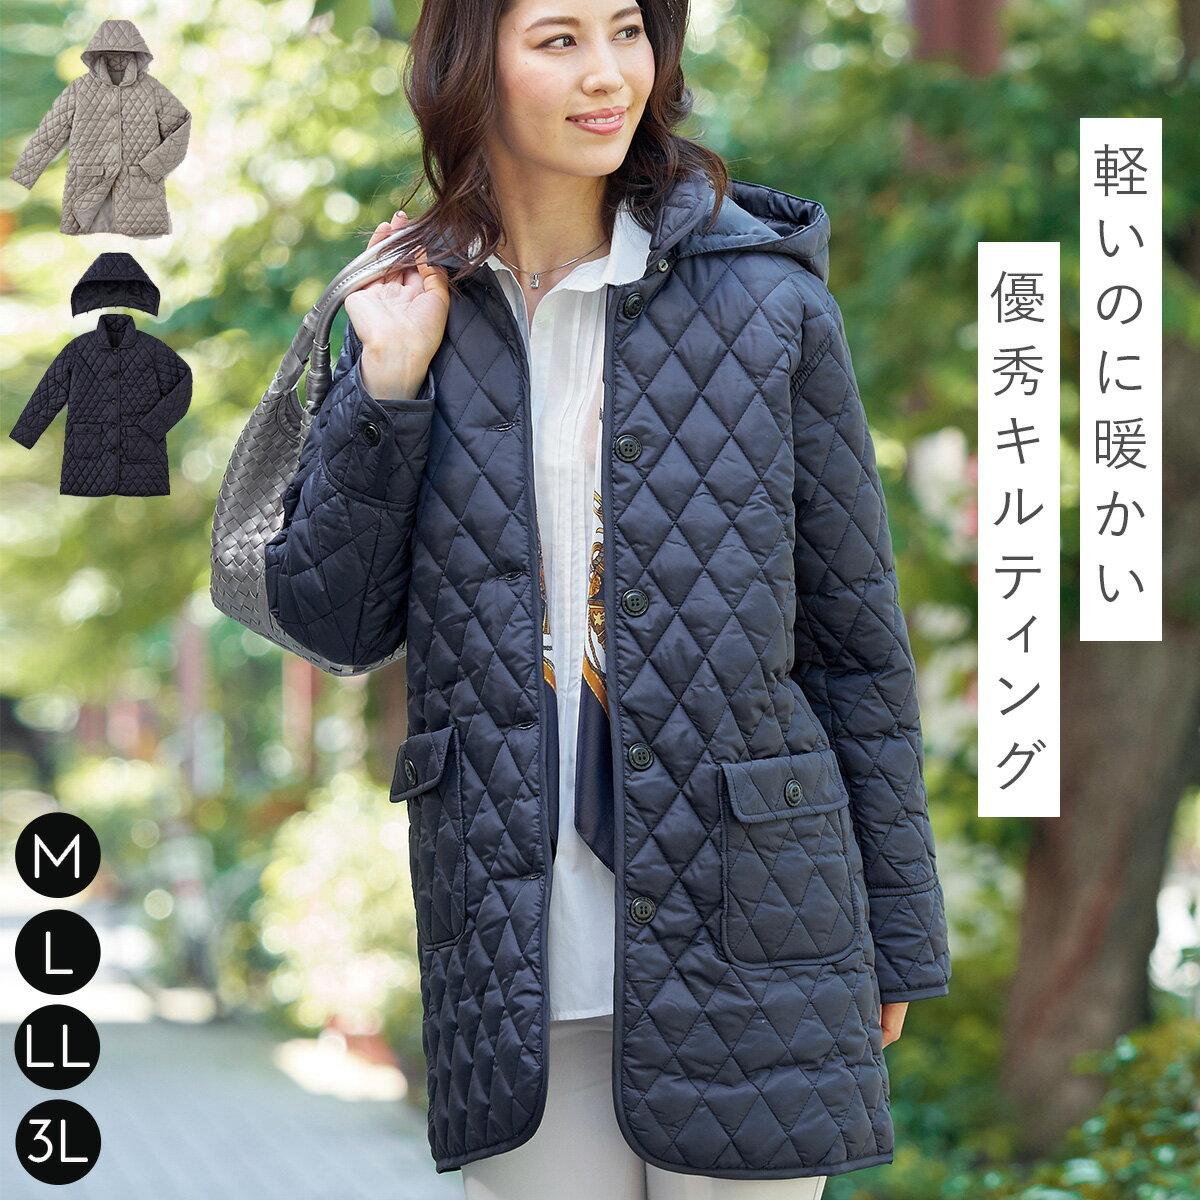 キルティング コート レディース ジャケット 軽い 温かい 軽量 あたたかい 防寒 あったか ホッとにお出かけキキルティングジャケット M-3L レディースファッション